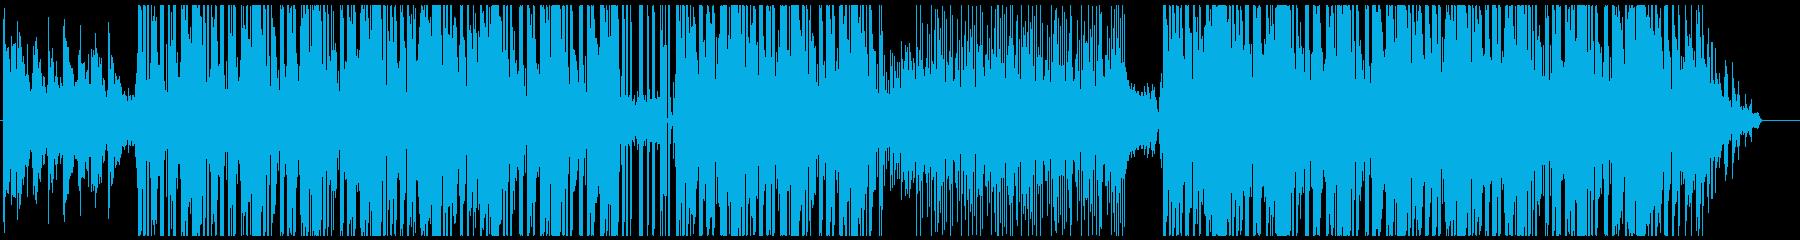 少し暗い雰囲気のHiphopの再生済みの波形